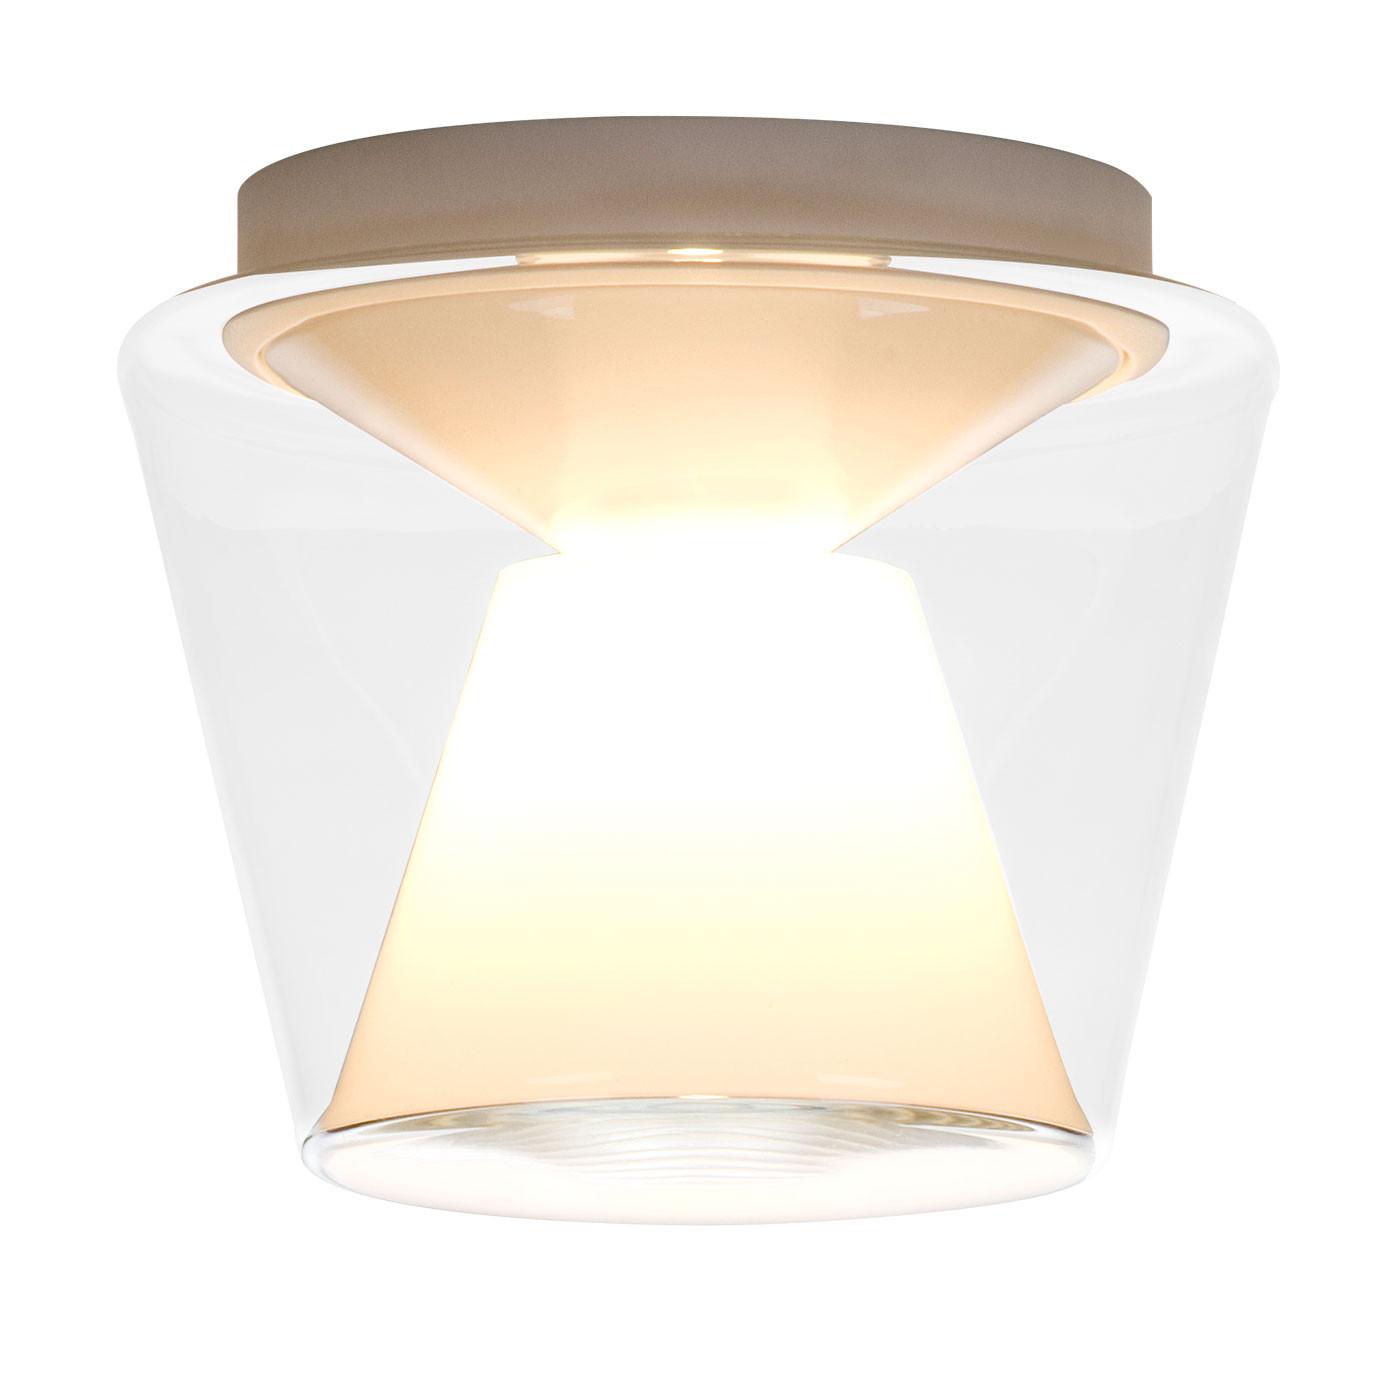 Serien Lighting Annex Ceiling L LED, 34W